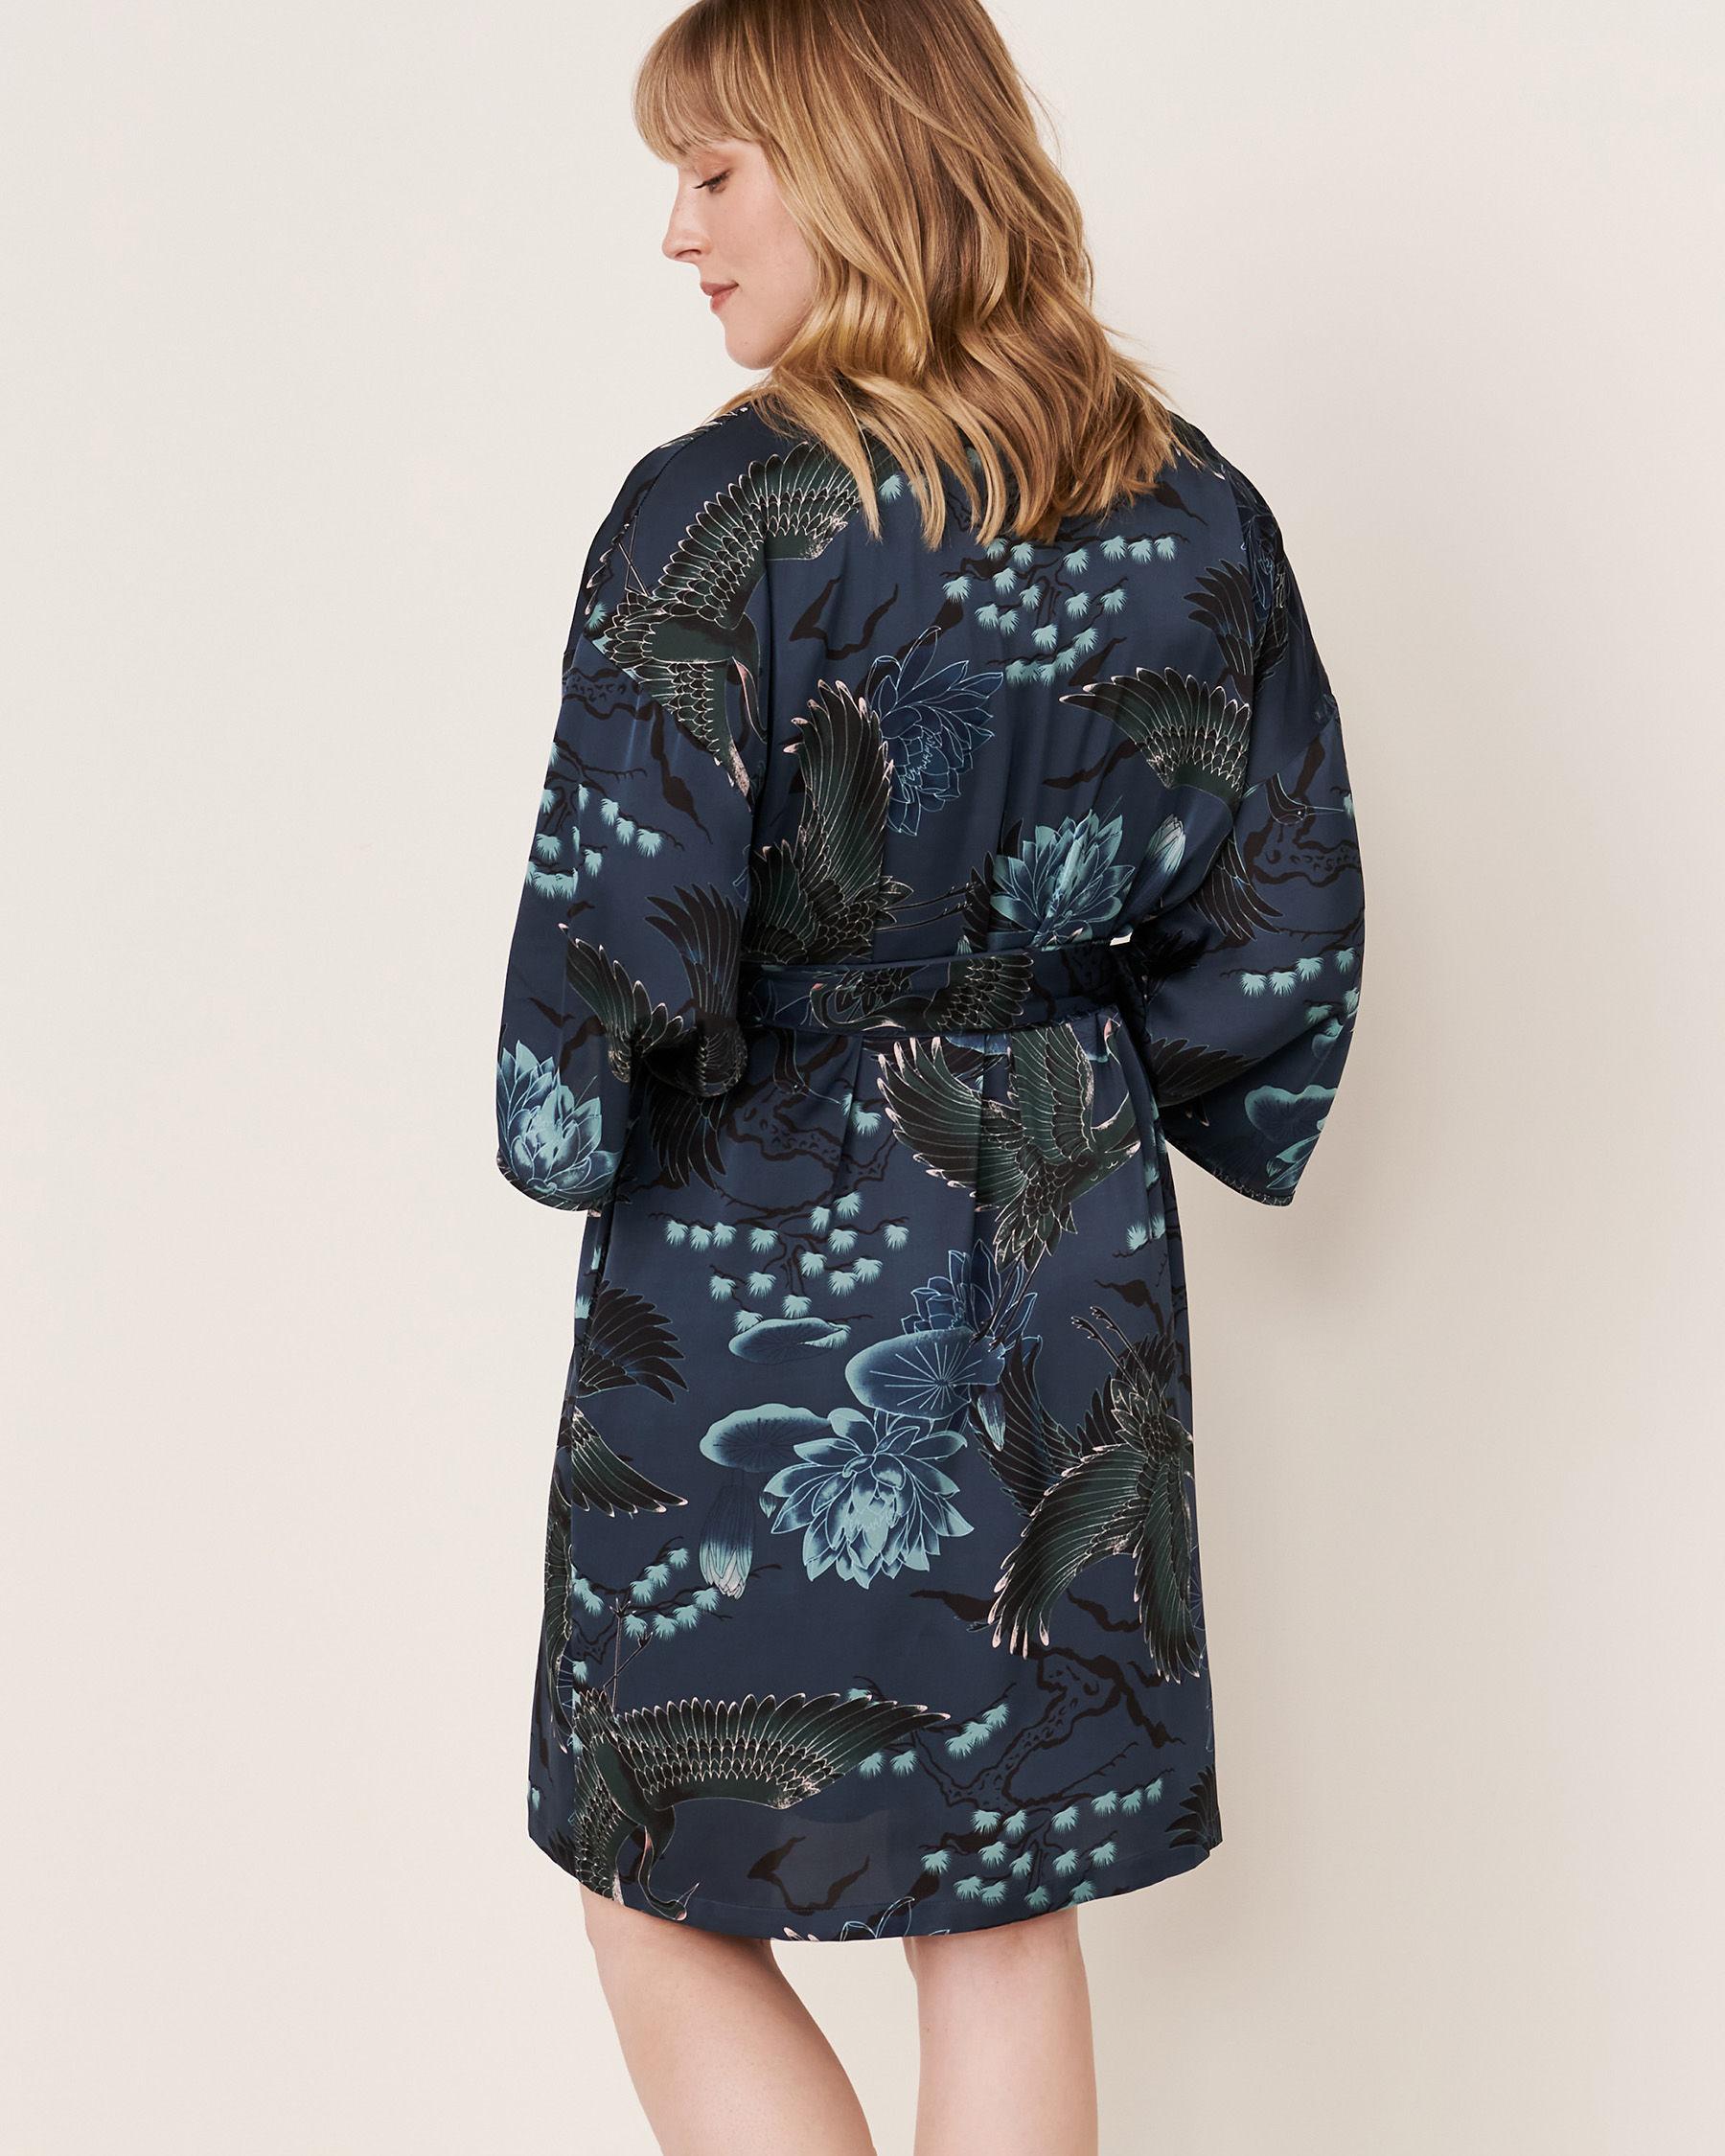 LA VIE EN ROSE Satin Kimono Bird 40600019 - View2